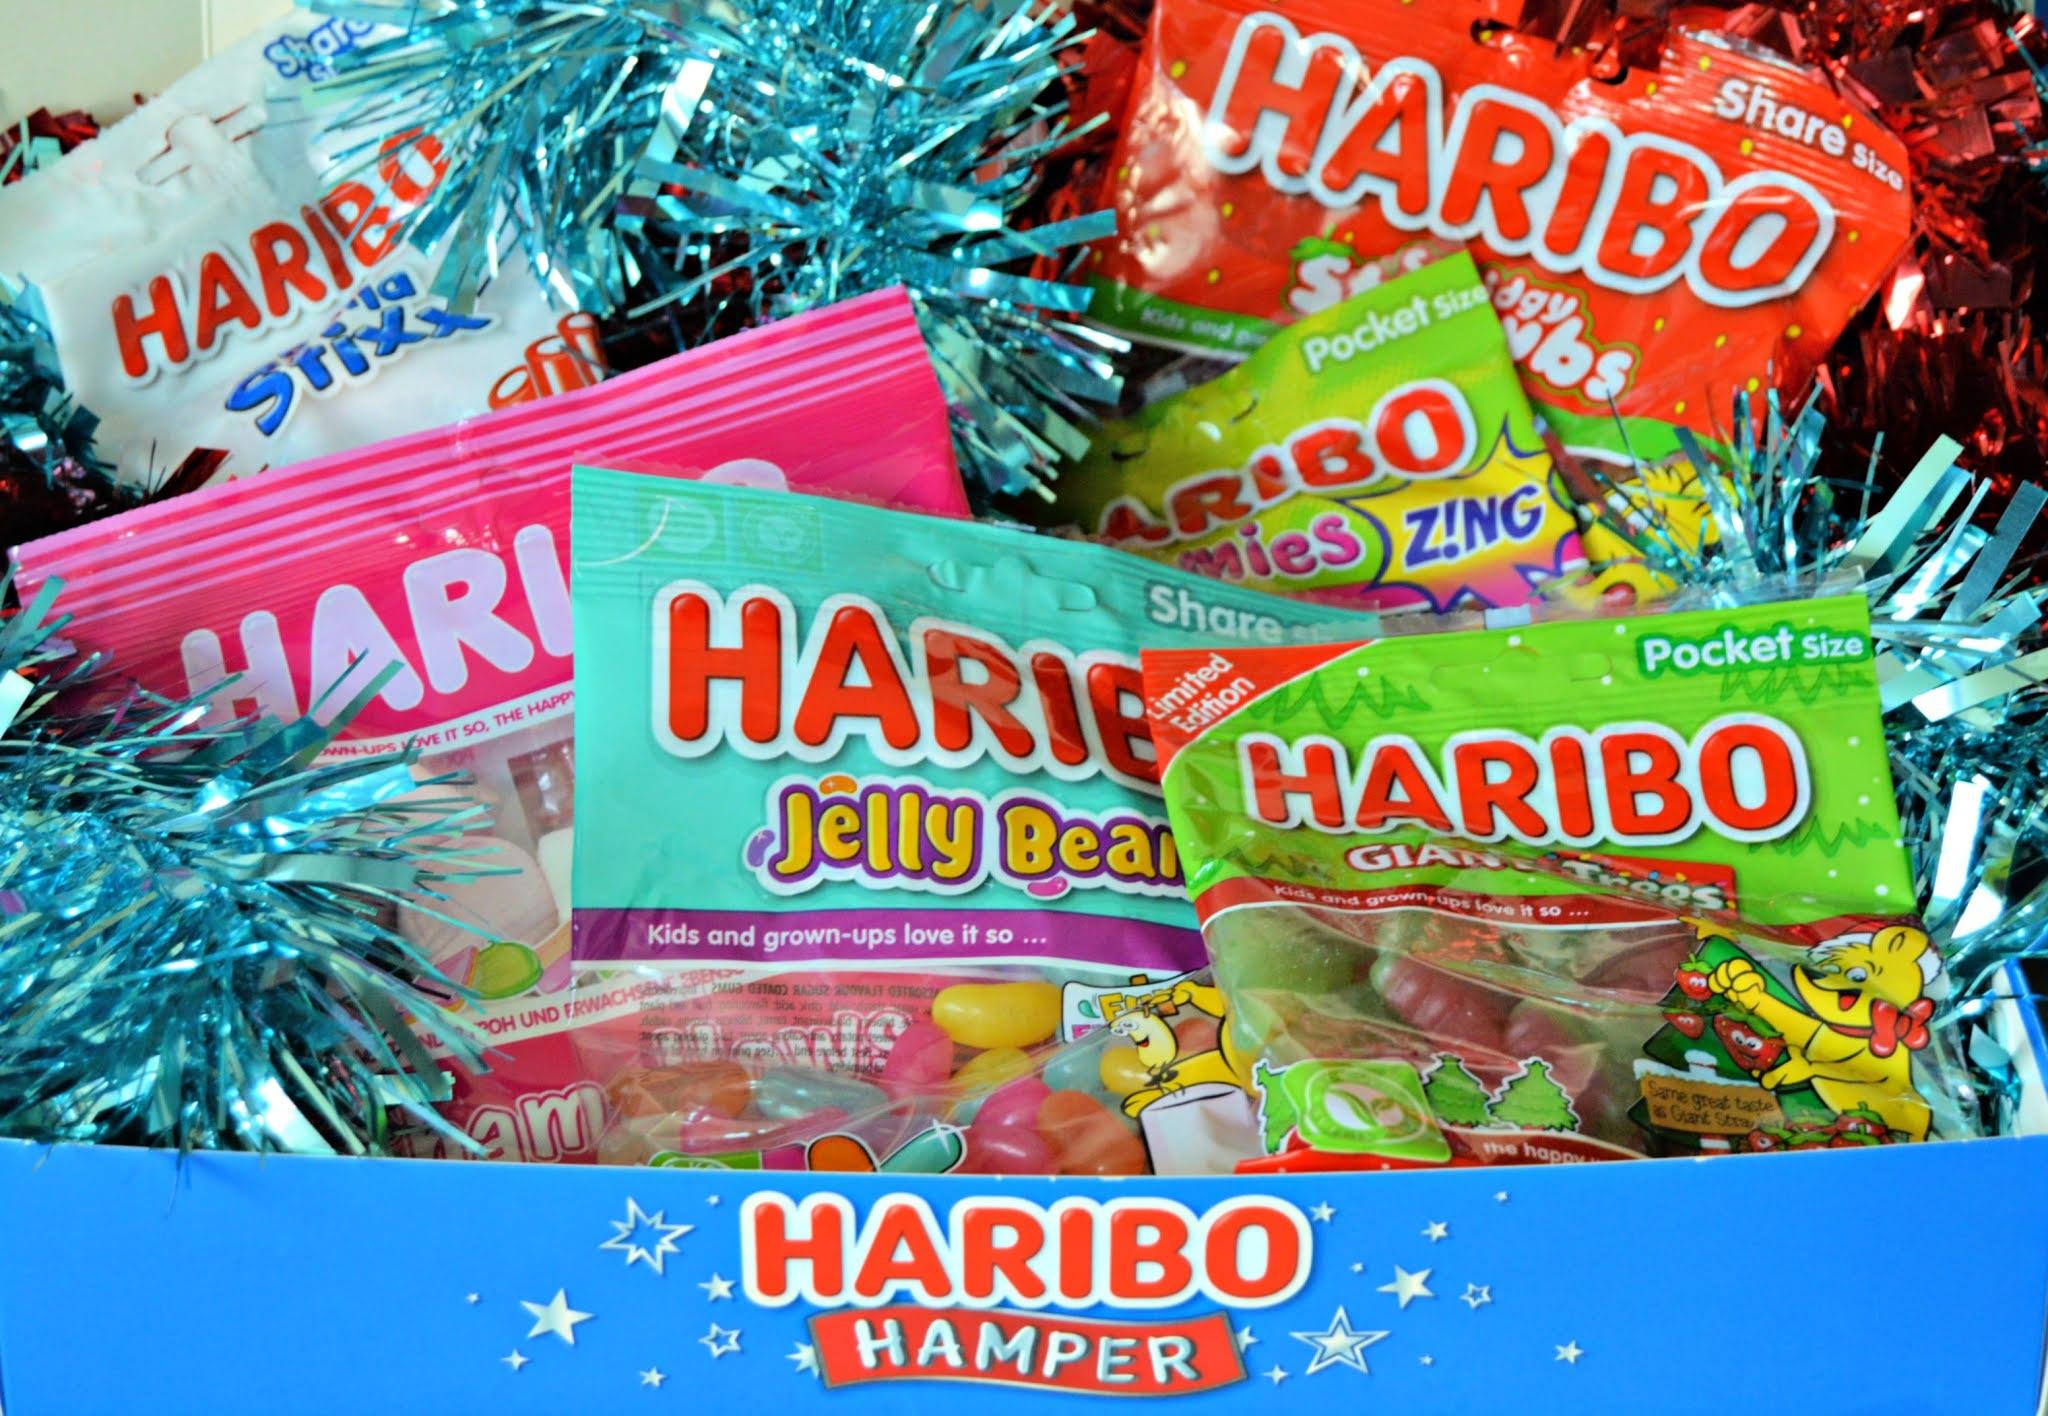 Haribo Hamper